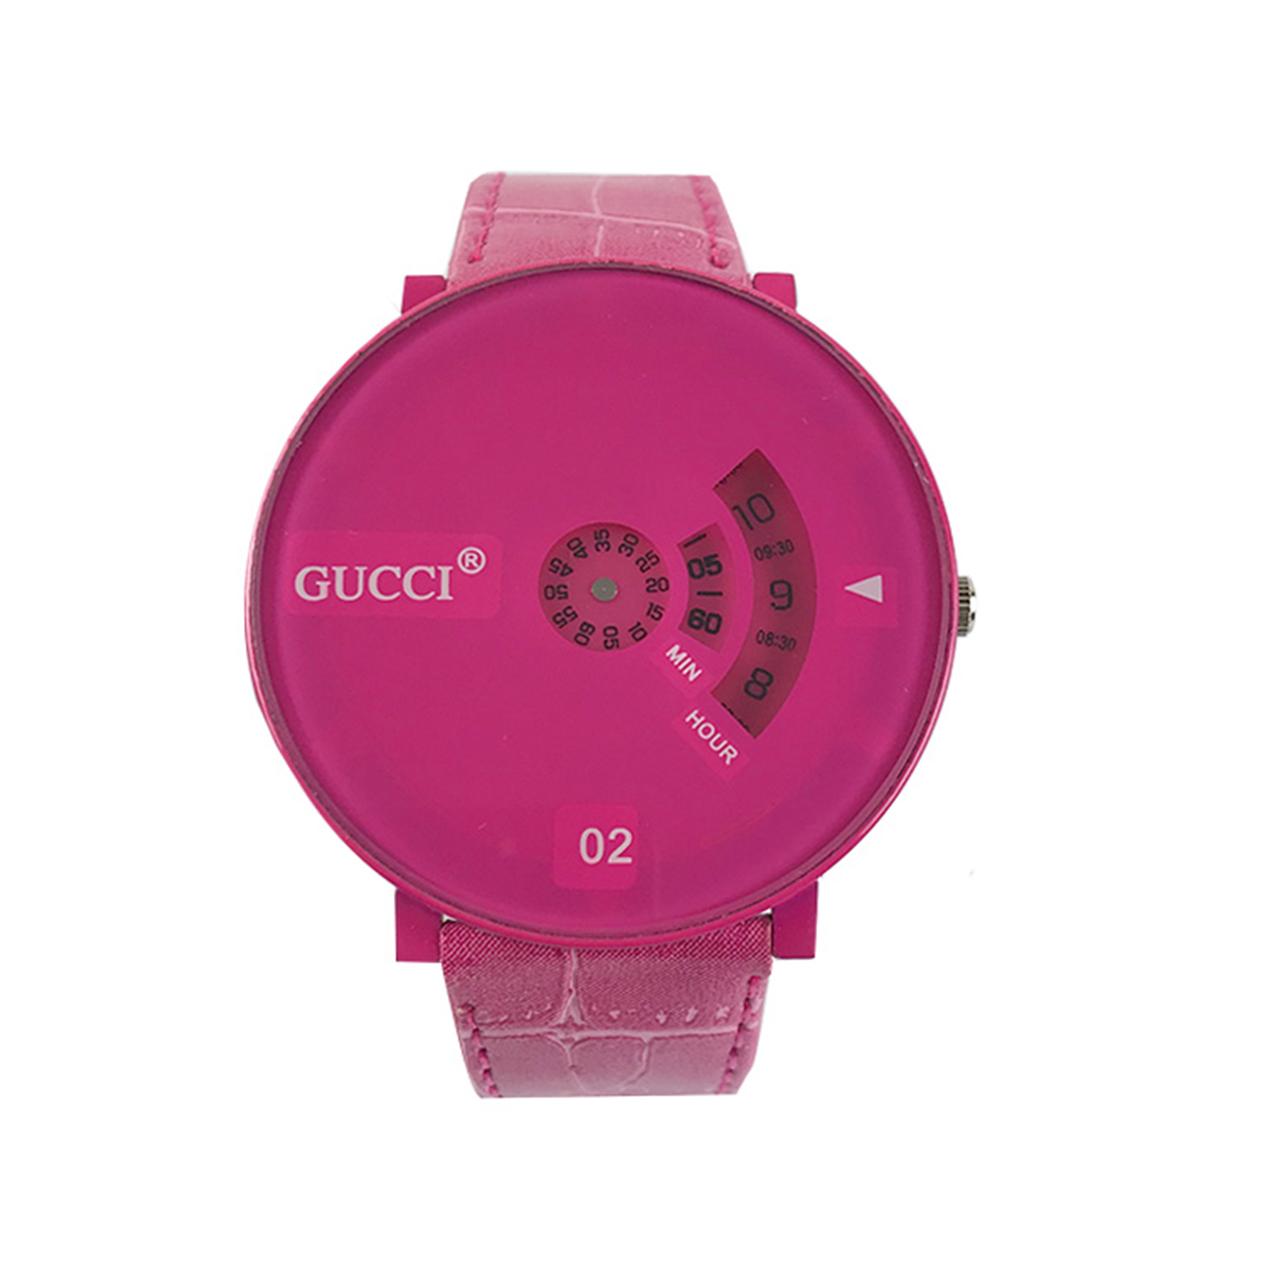 ساعت مچی دیجیتال زنانه مدل DS 4649